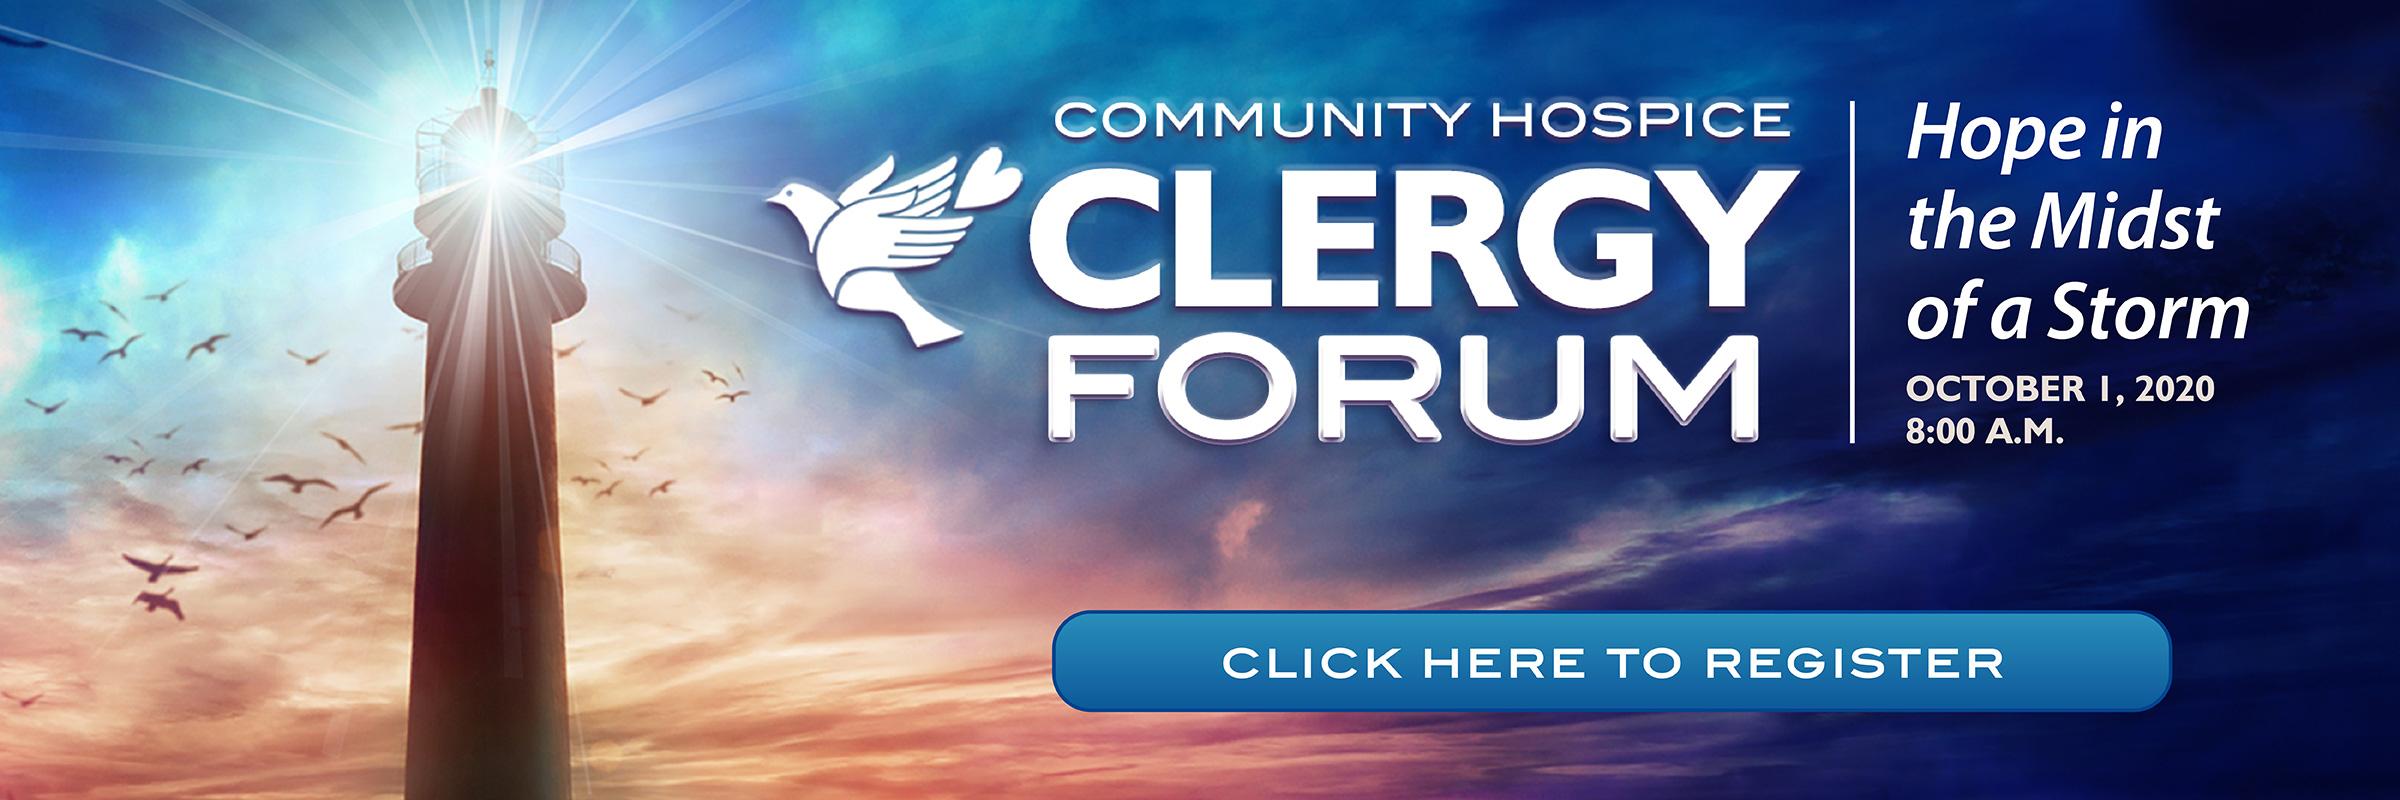 Clergy-Forum-Carousel_2020